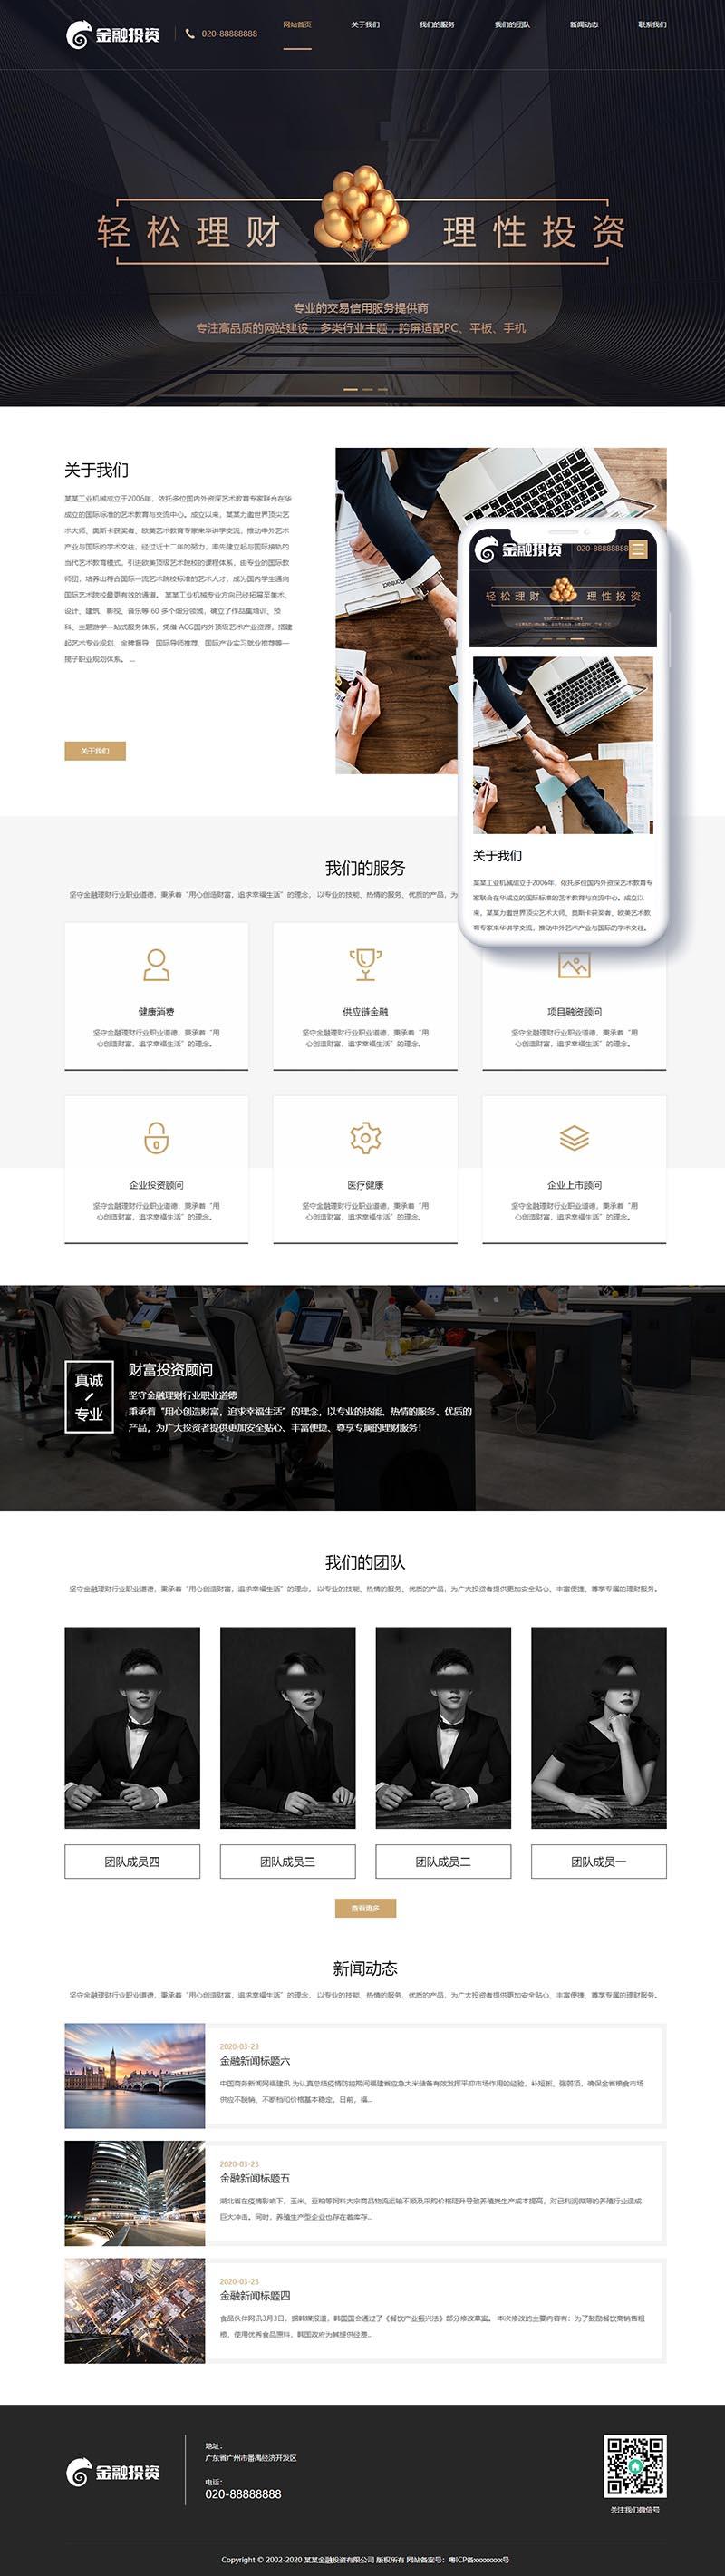 金融企业门户网站